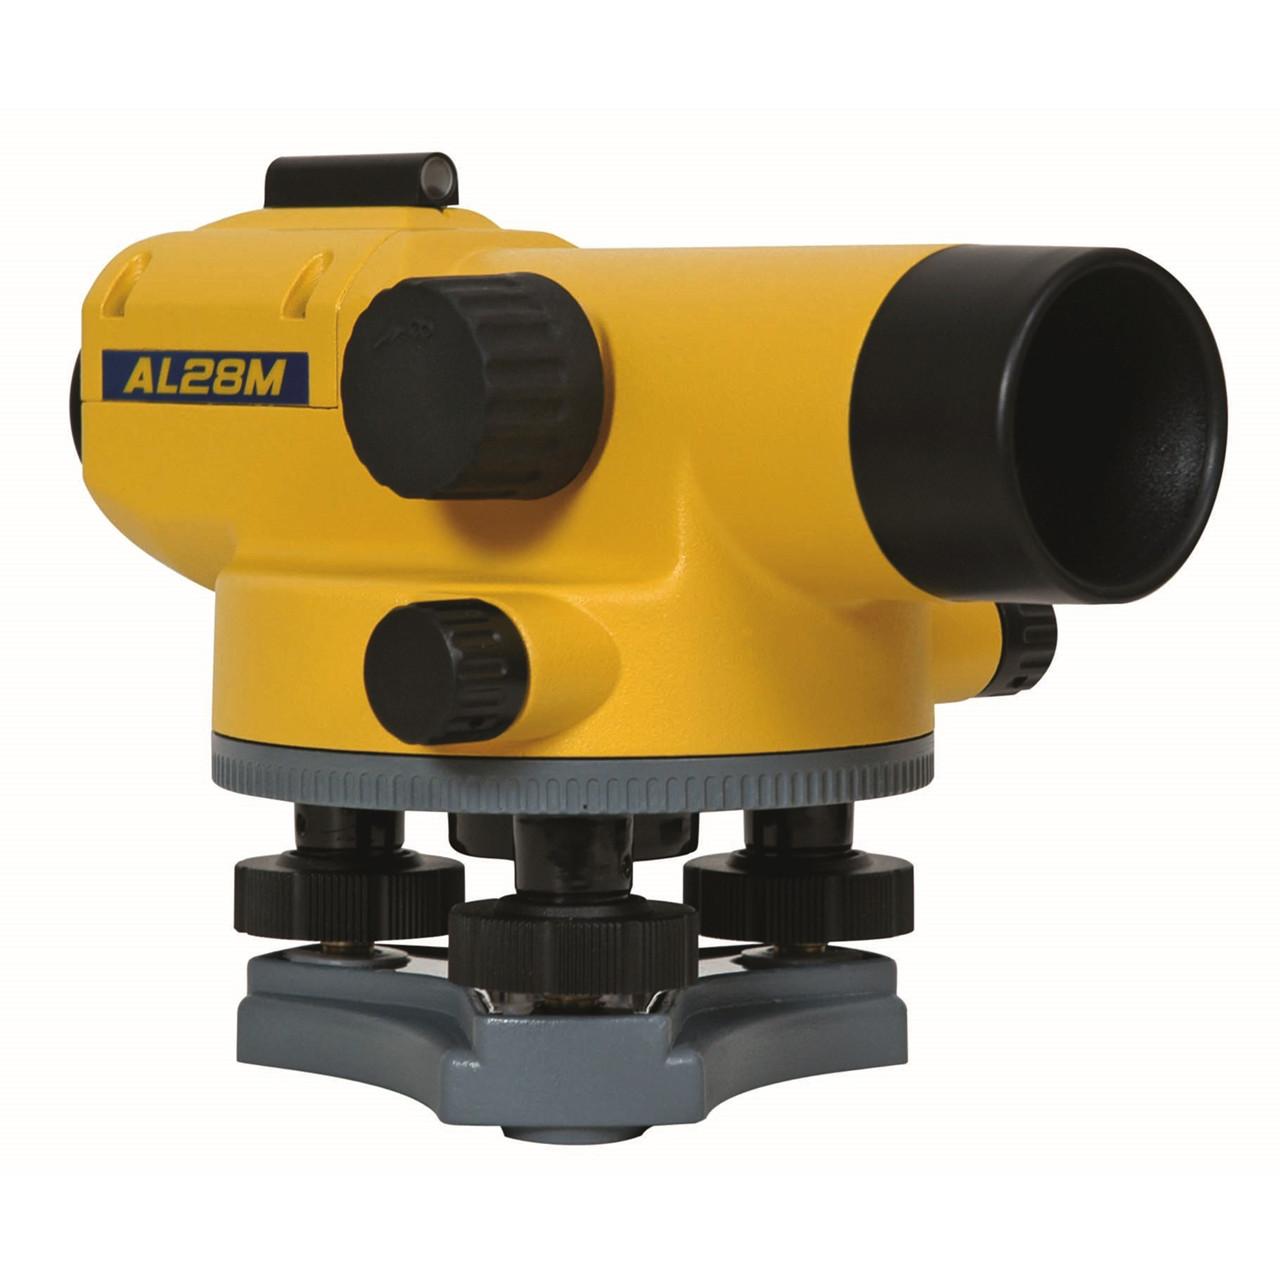 SPECTRA Niveller AL28M 28x forstørrelse - Værktøj -> Laser og måleinstrumenter -> Laser|Værktøj -> Laser og måleinstrumenter -> Opmåling -> Nivellering|Værktøj -> Laser og måleinstrumenter -> Opmåling|Værktøj -> Laser og måleinstrumenter|Mærker -> Spectra